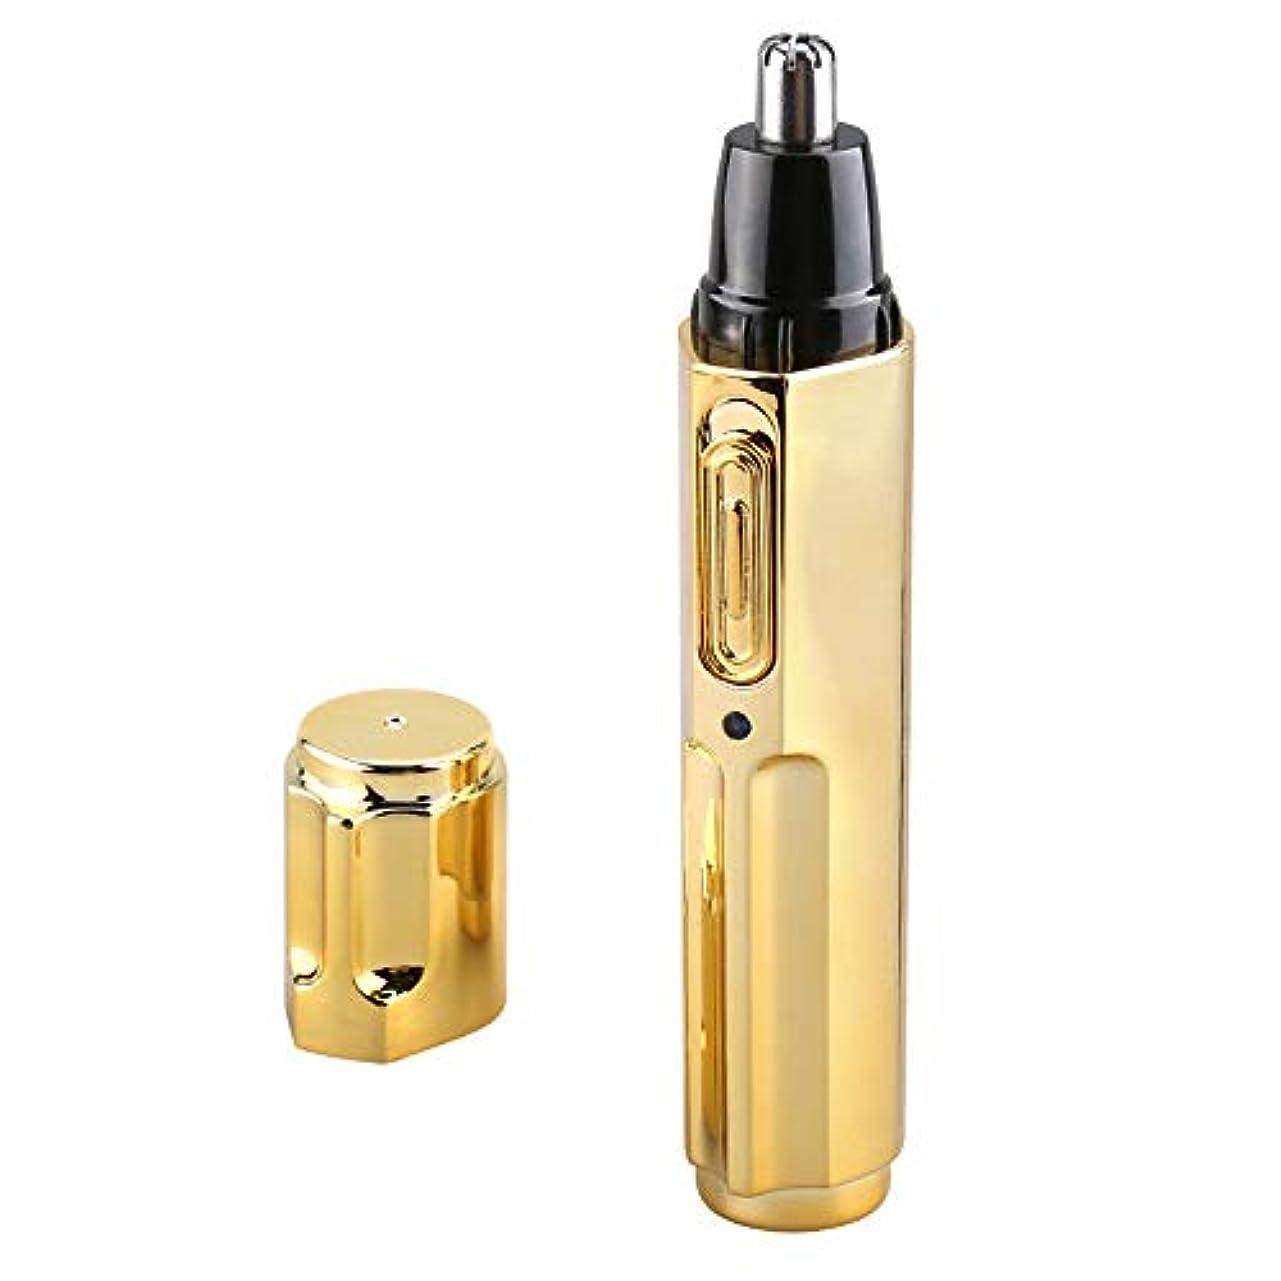 優雅なマークされたカヌー鼻毛トリマー/充電式電動鼻毛トリマー/鼻孔クリーナー/ 13 * 2.8cm 使いやすい